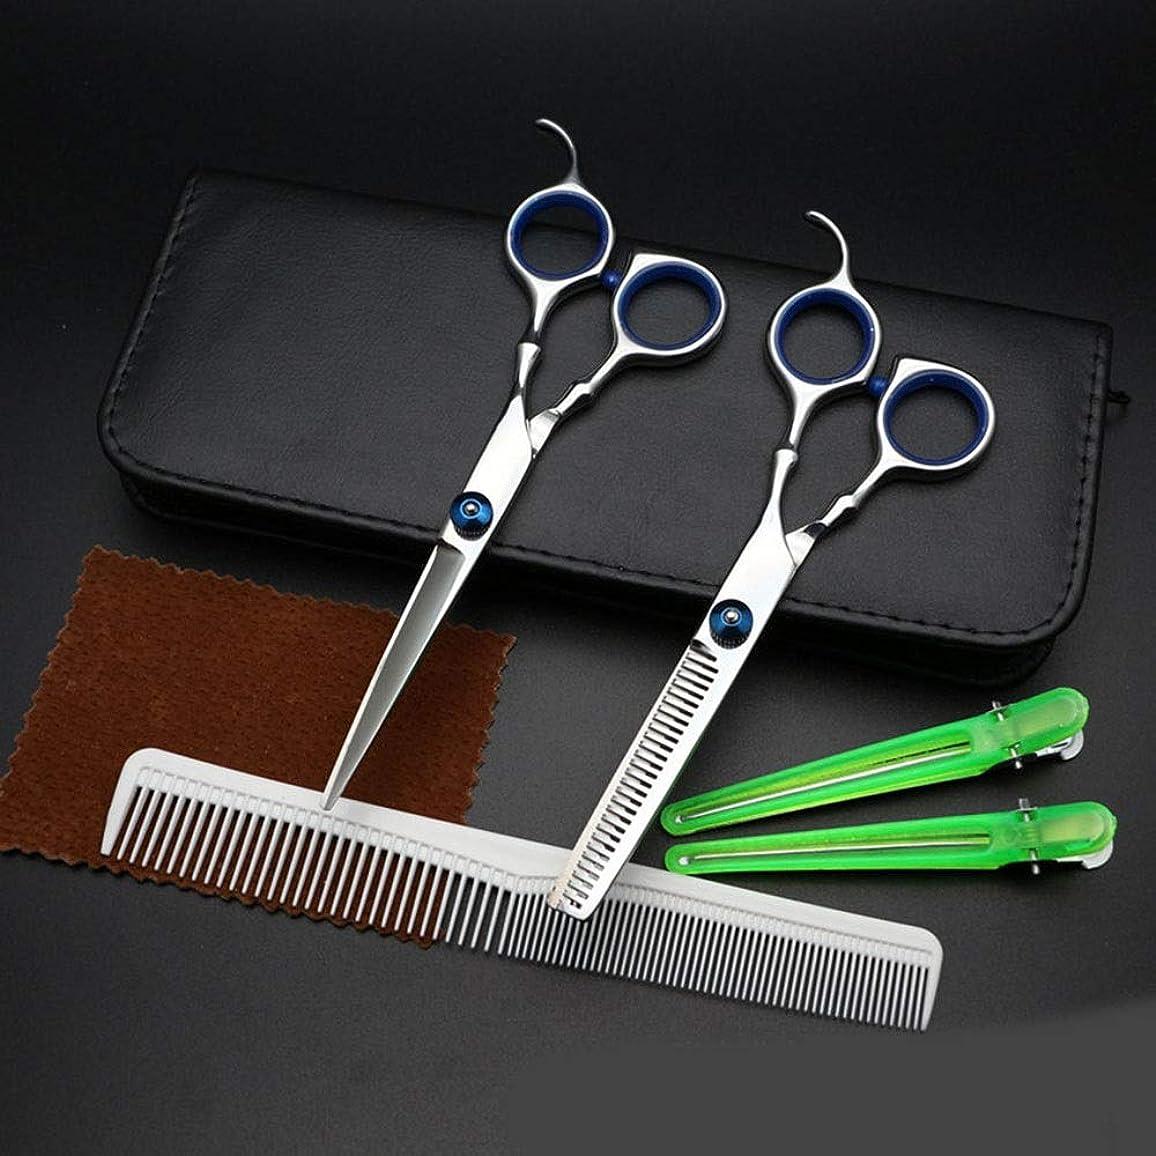 グレートオークメジャー深遠理髪用はさみ 6.0インチの青ねじ理髪はさみ、タケハンドルの理髪はさみ用具の毛の切断はさみのステンレス製の理髪師のはさみ (色 : 青)